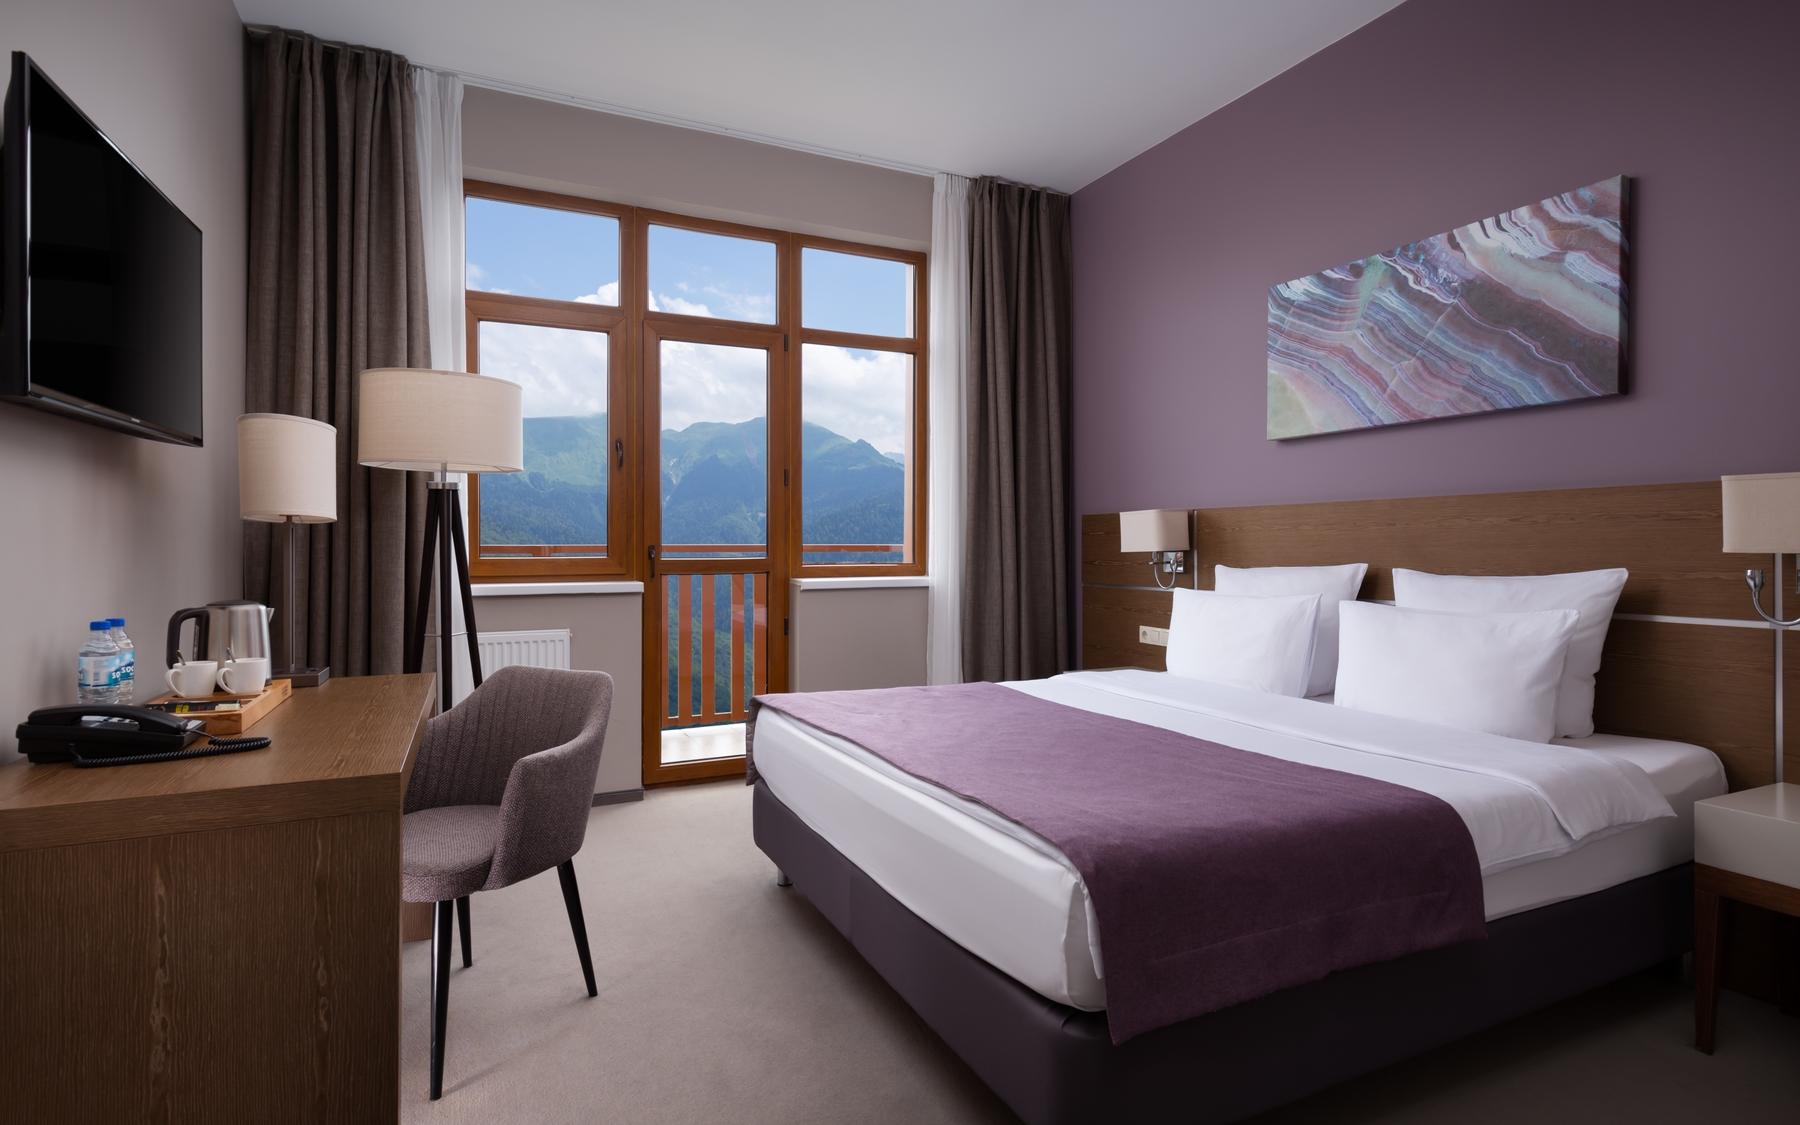 В горном отеле Green Flow вы отдохнете и избавитесь от стресса